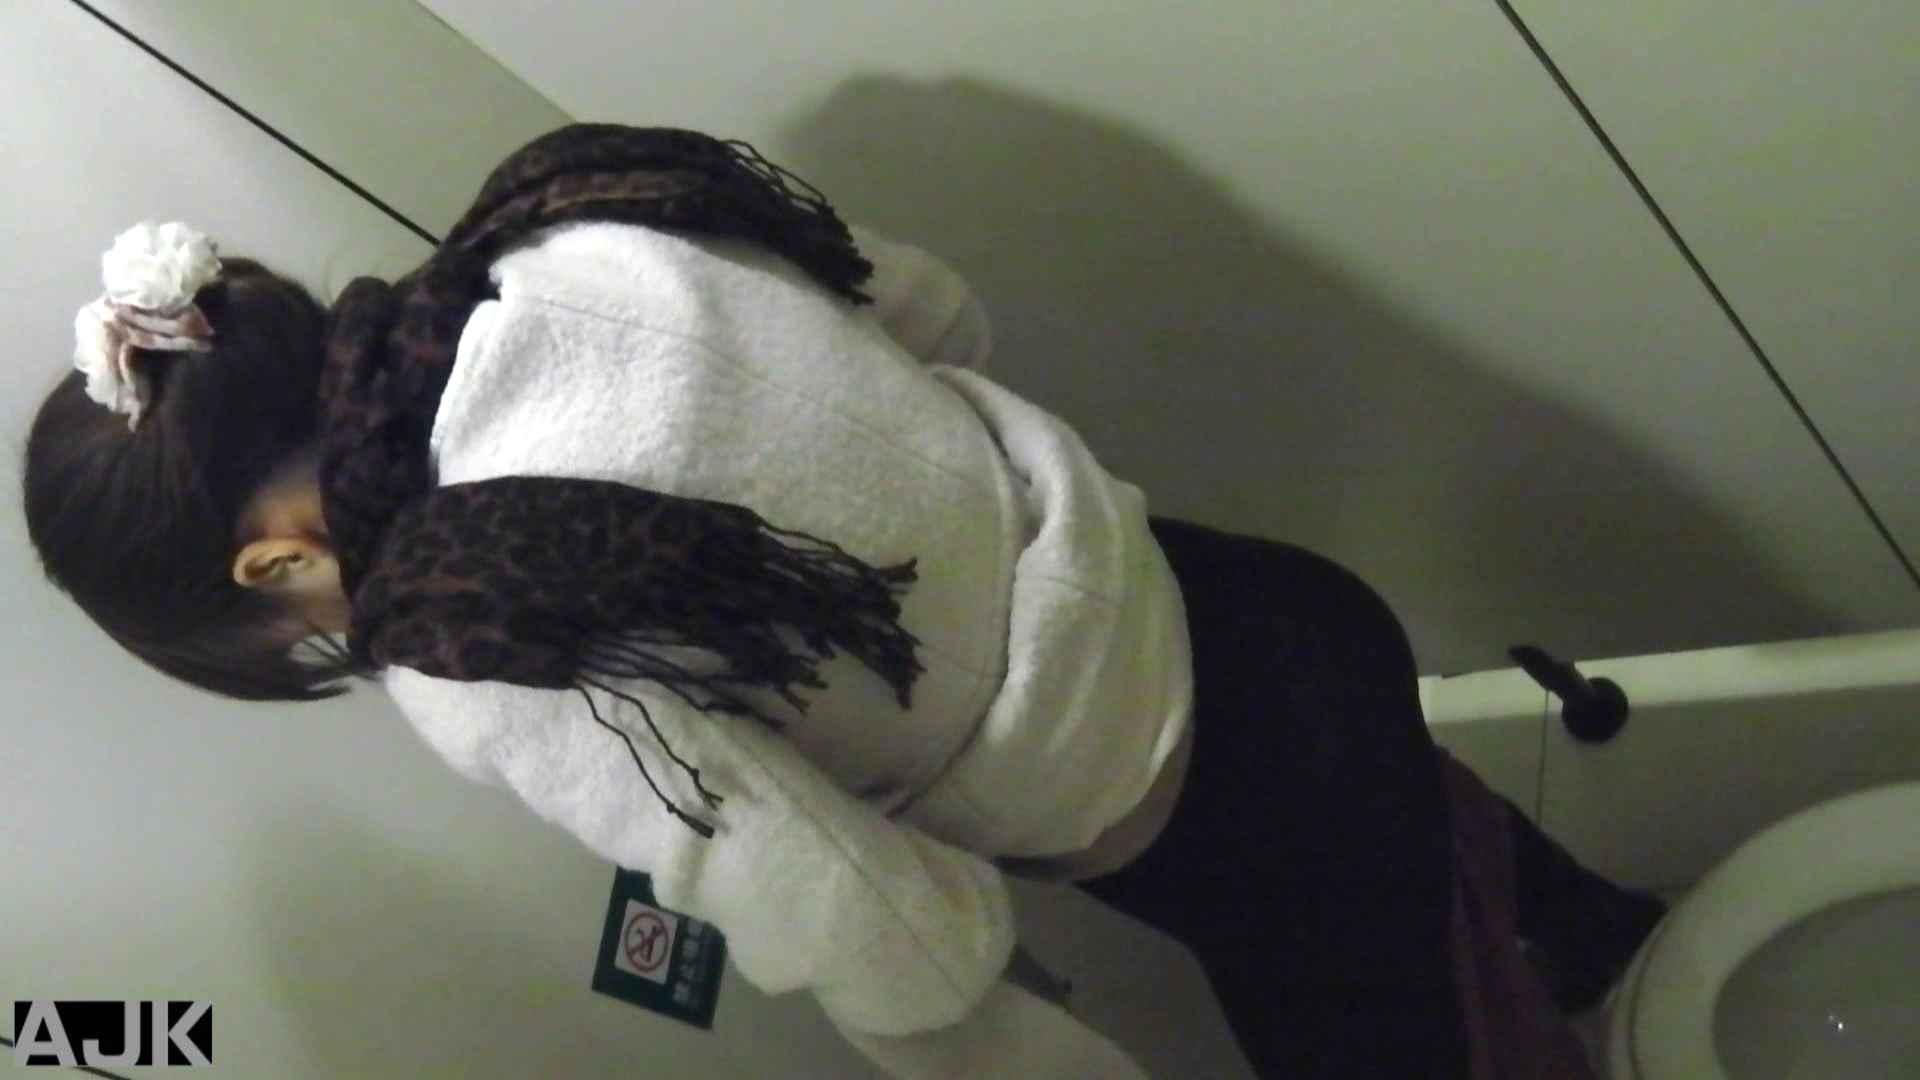 隣国上階級エリアの令嬢たちが集うデパートお手洗い Vol.16 HなOL 女性器鑑賞 85pic 14